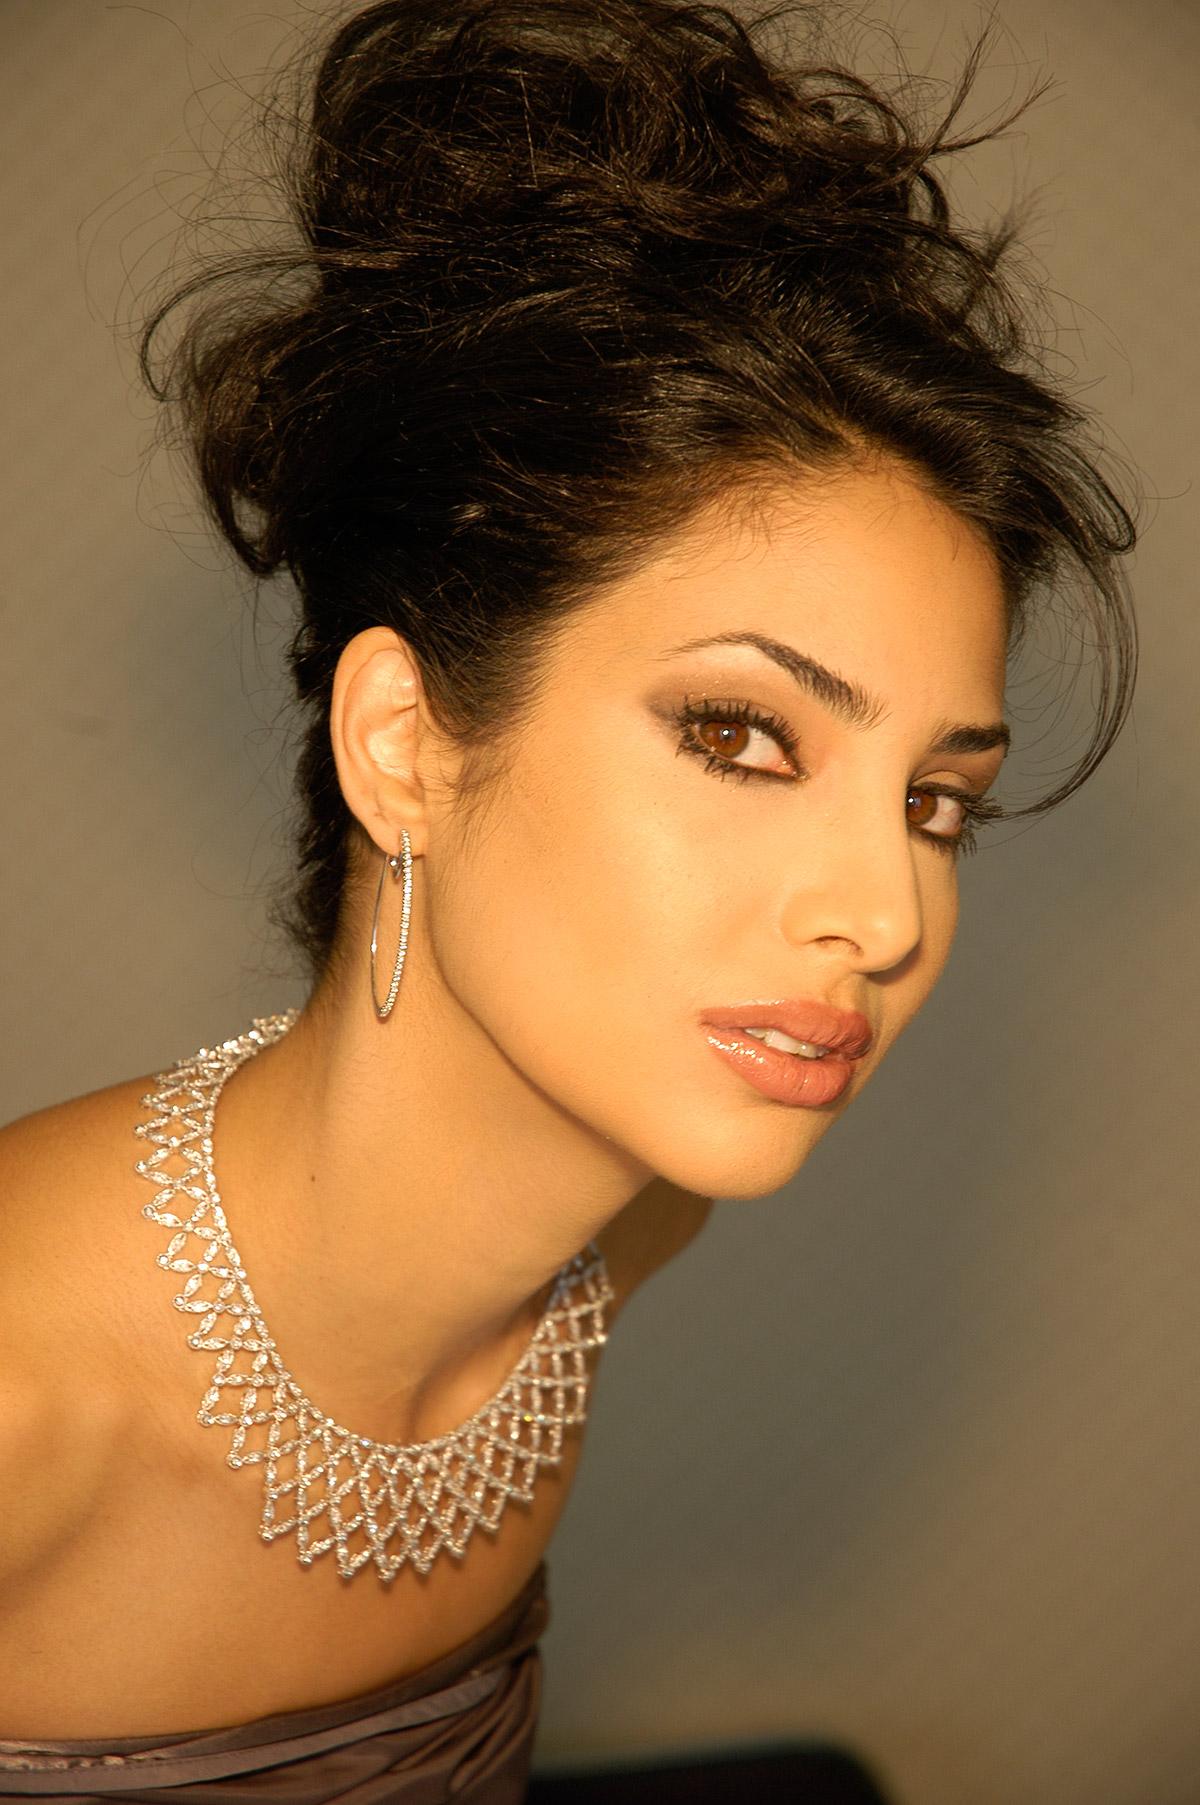 PERSIAN SECRETS, Ramona Amiri